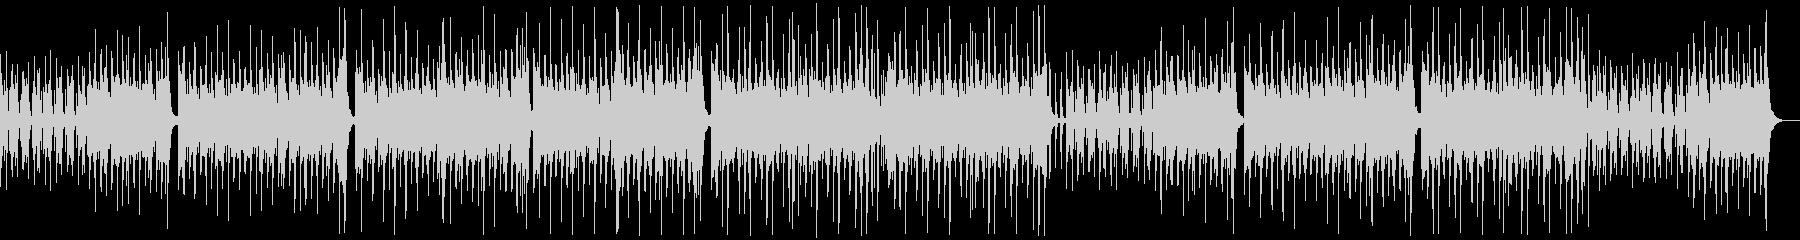 のんびり楽しいレゲエポップ:ピアノ無しの未再生の波形